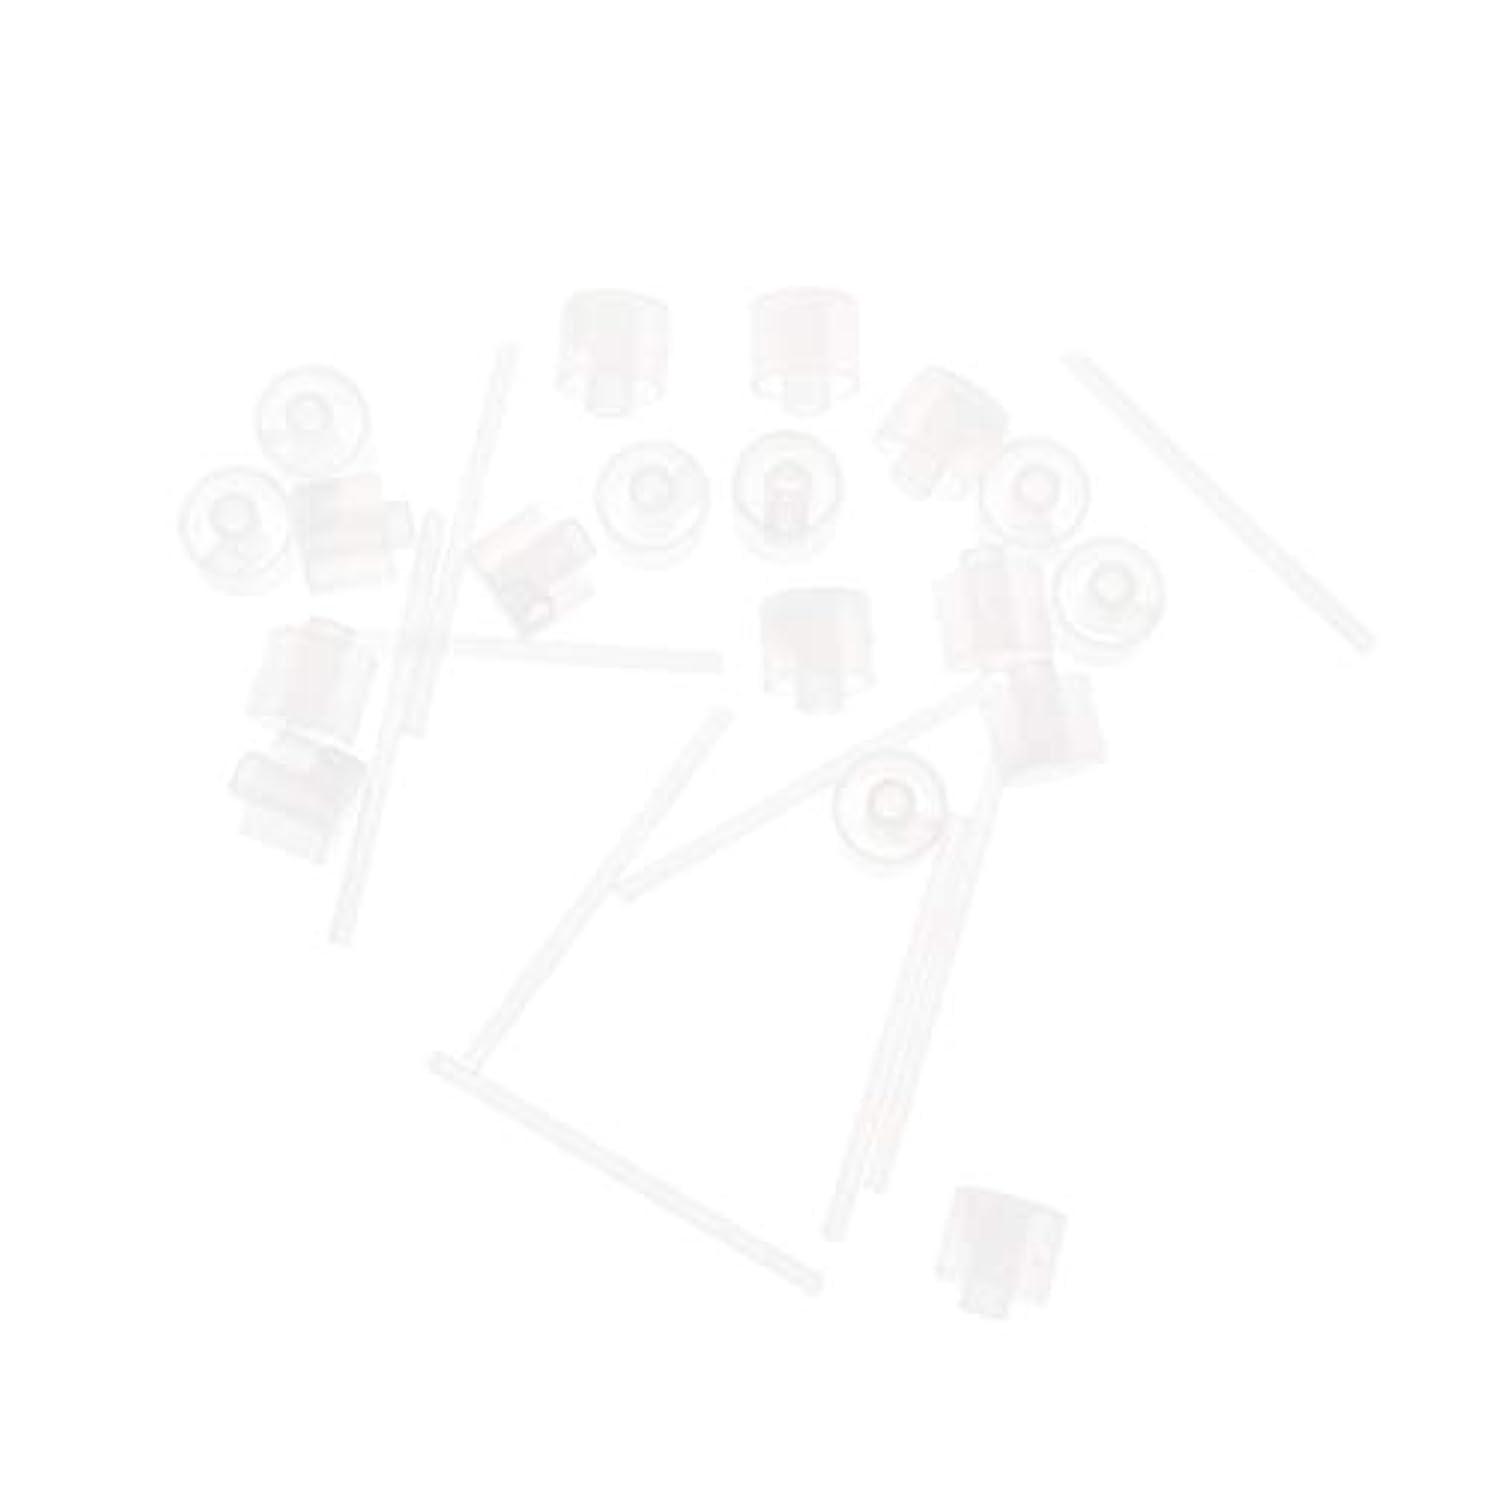 ウミウシクリケットピジンLurrose 20ピースプラスチック香水ポンプディスペンサー香水ディスペンサーツール